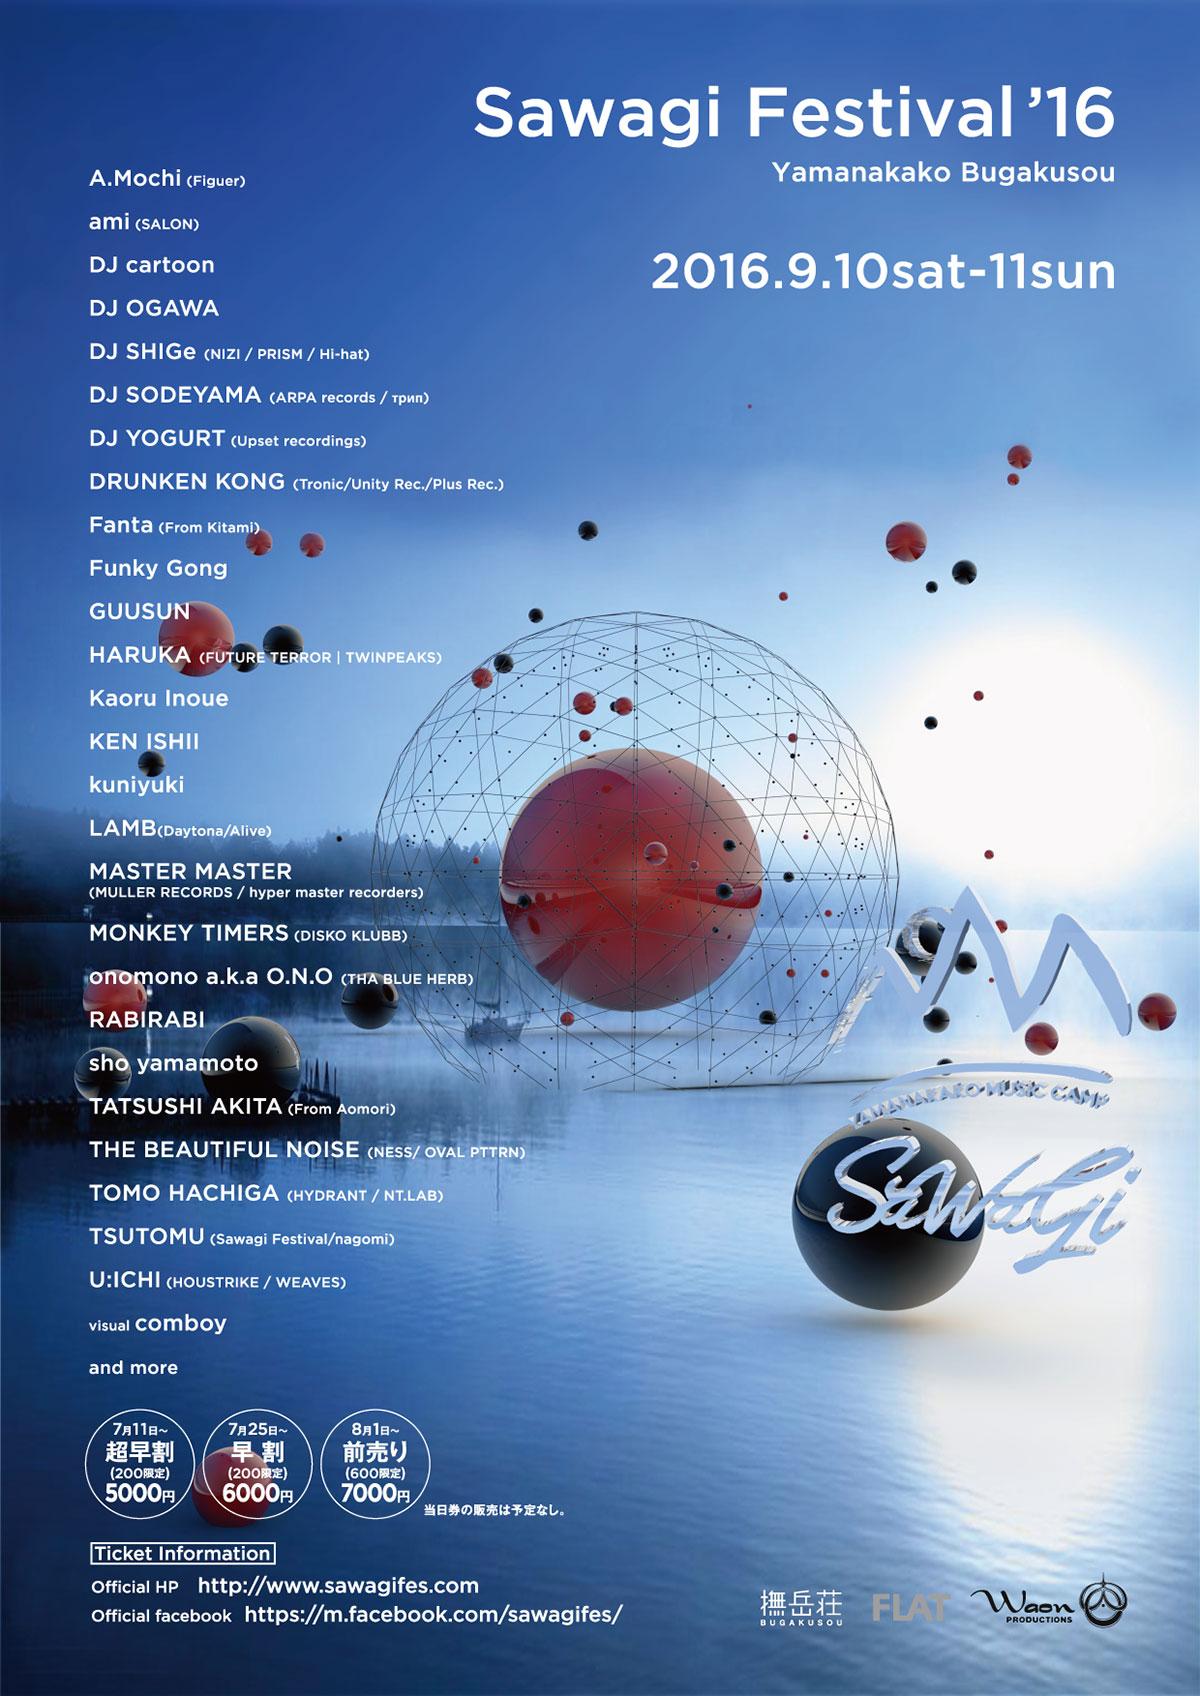 富士山麓の野外テクノフェス!第1弾にKEN ISHII、DJ SODEYAMA、DJ YOGURTら music160711_sawagi_8